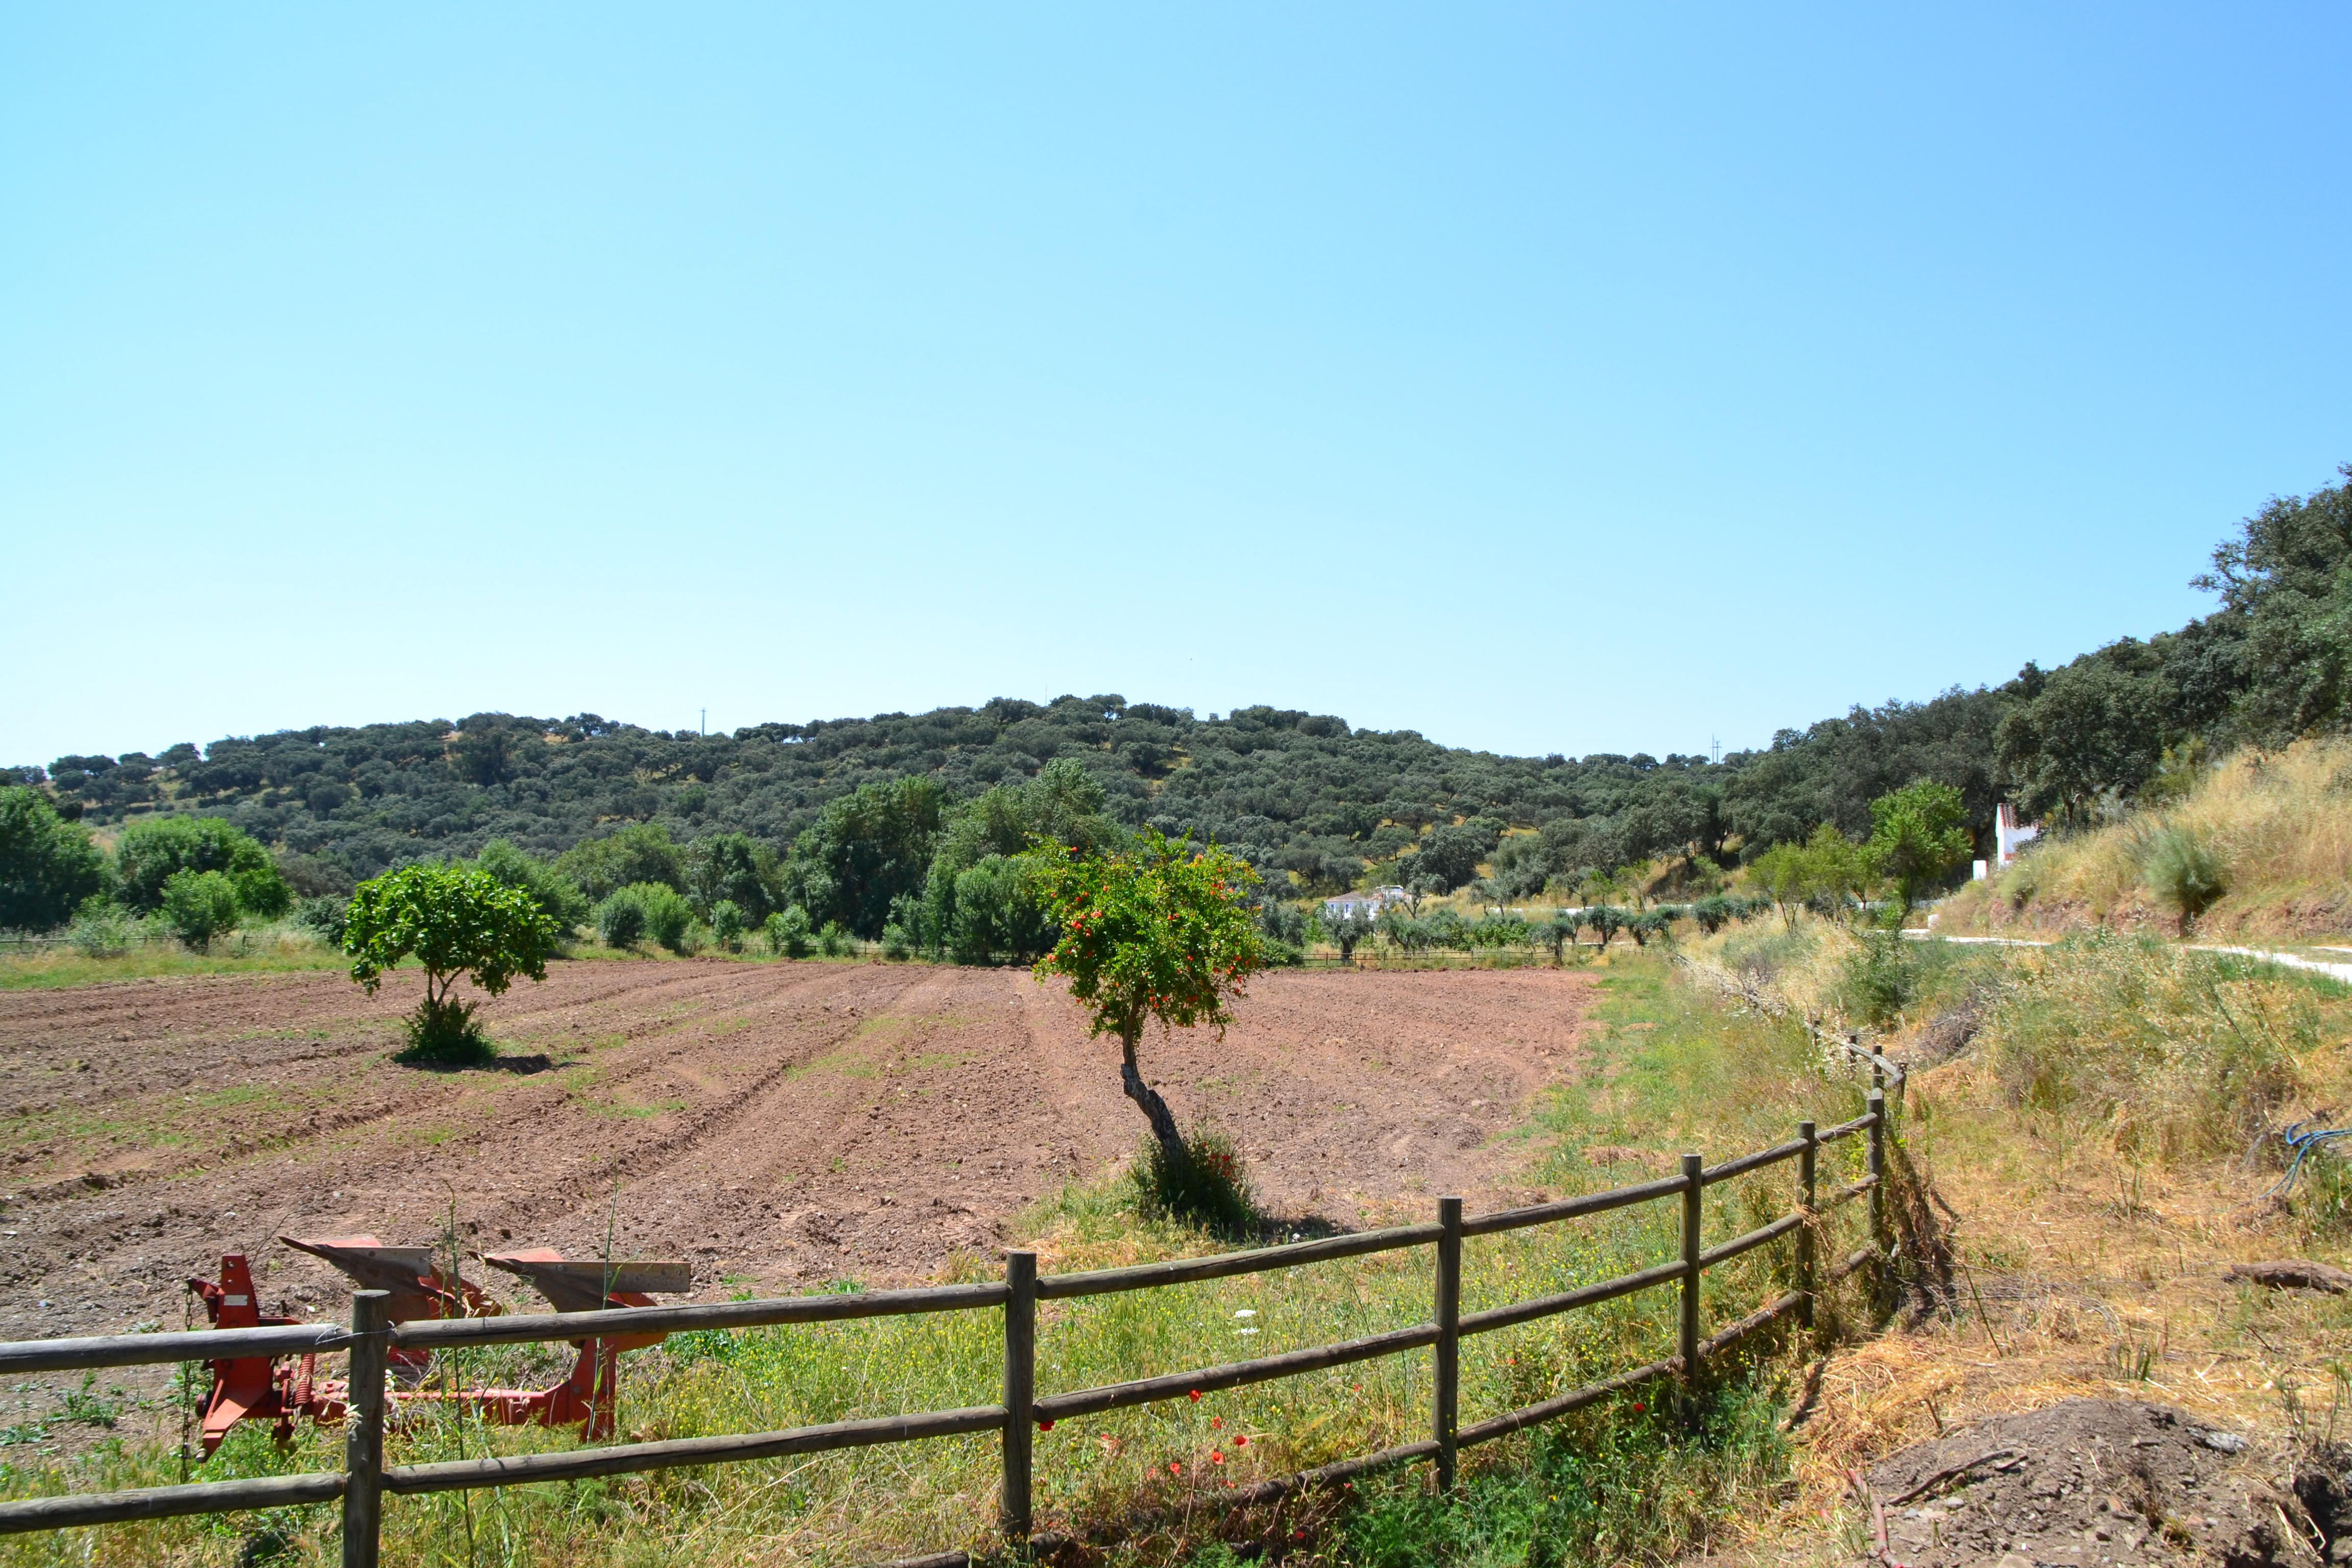 PERMACULTURA: Cuidar da terra, das pessoas e do futuro